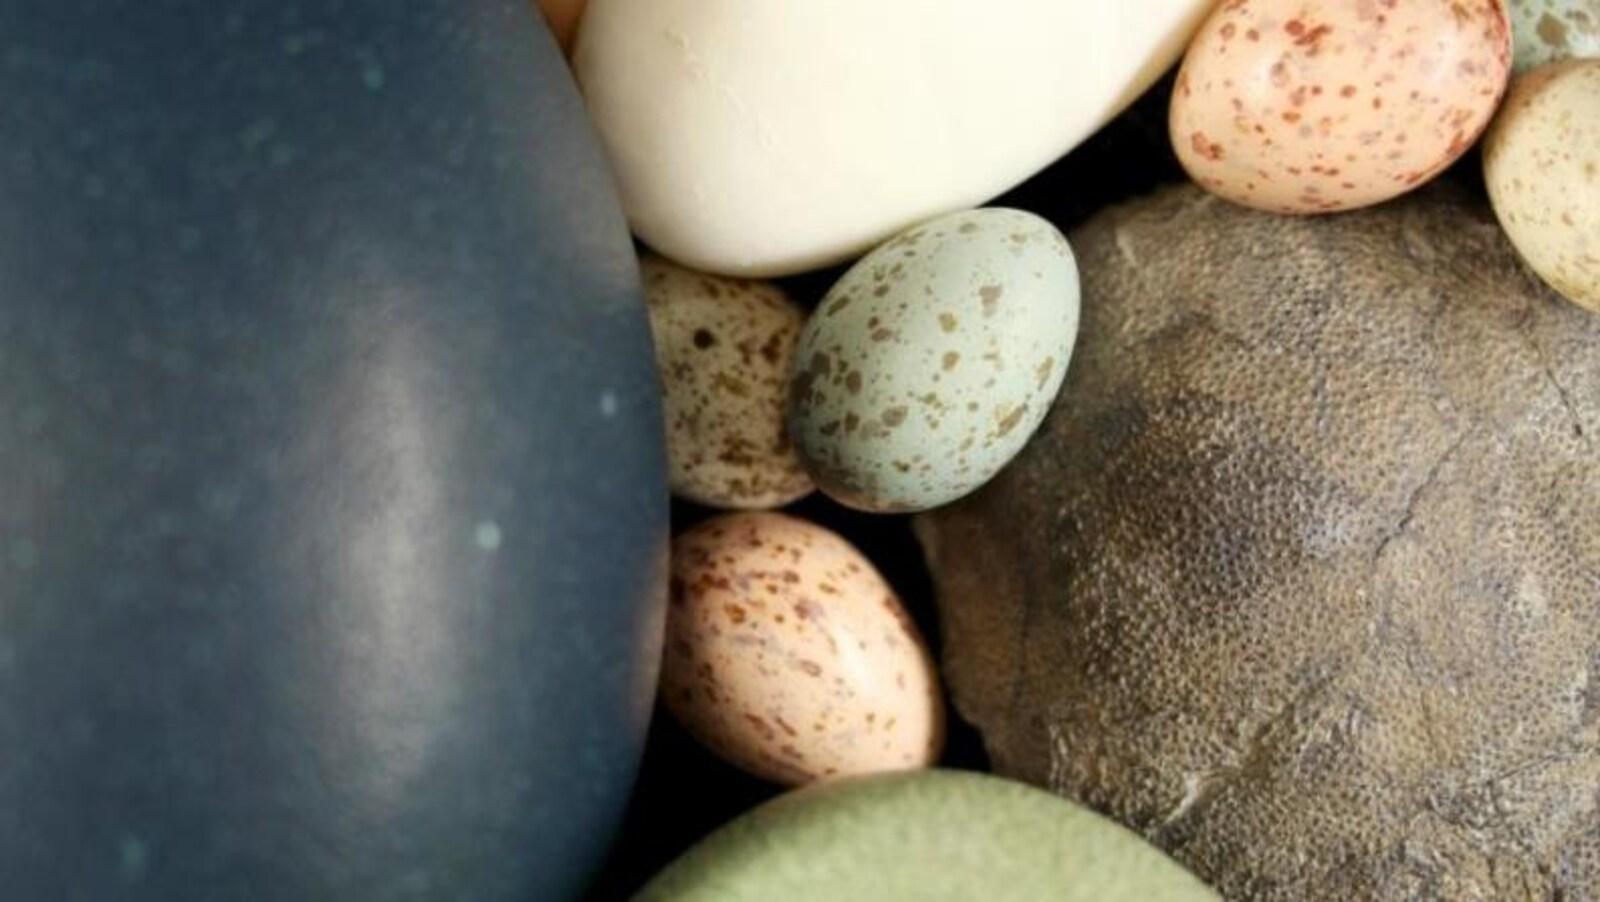 Un assortiment d'œufs de paléognathes et de néognathes et un oeuf de théropode fossile (à droite).